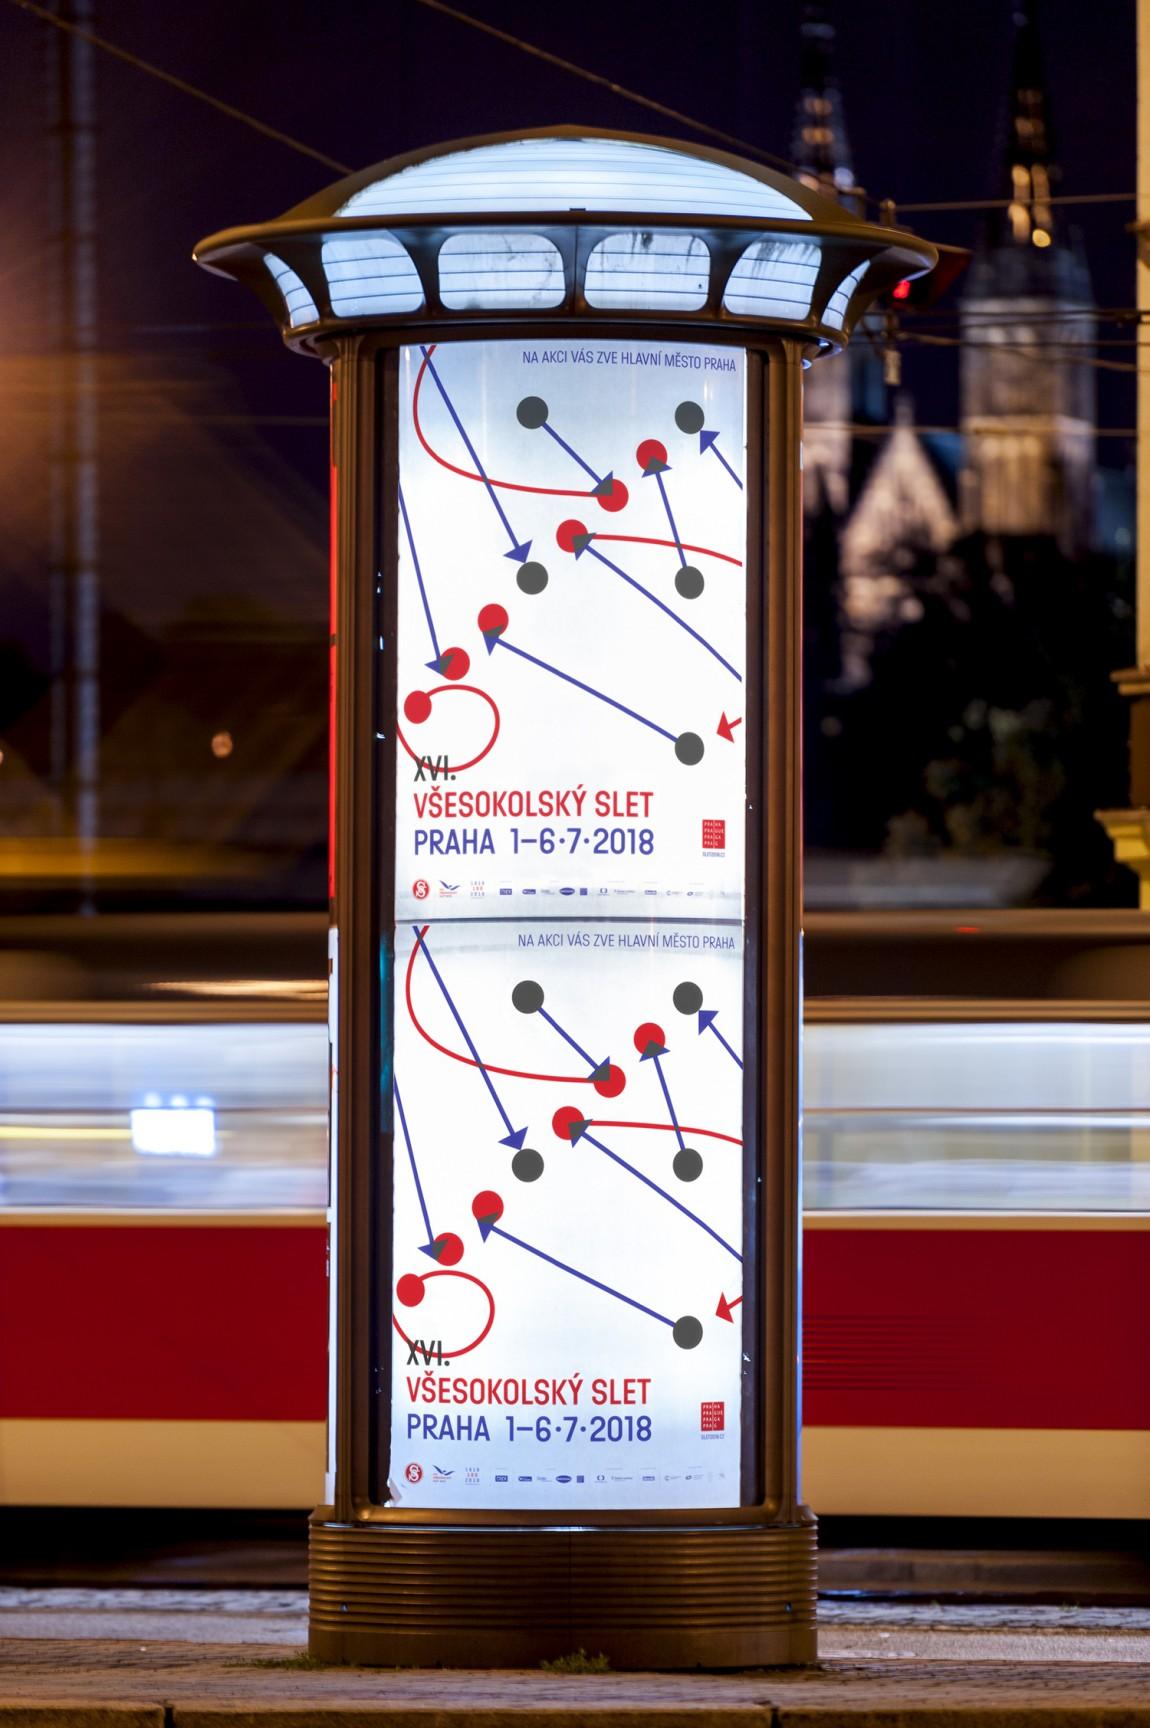 布拉格体育项目Slet品牌视觉形象设计案例,广告设计